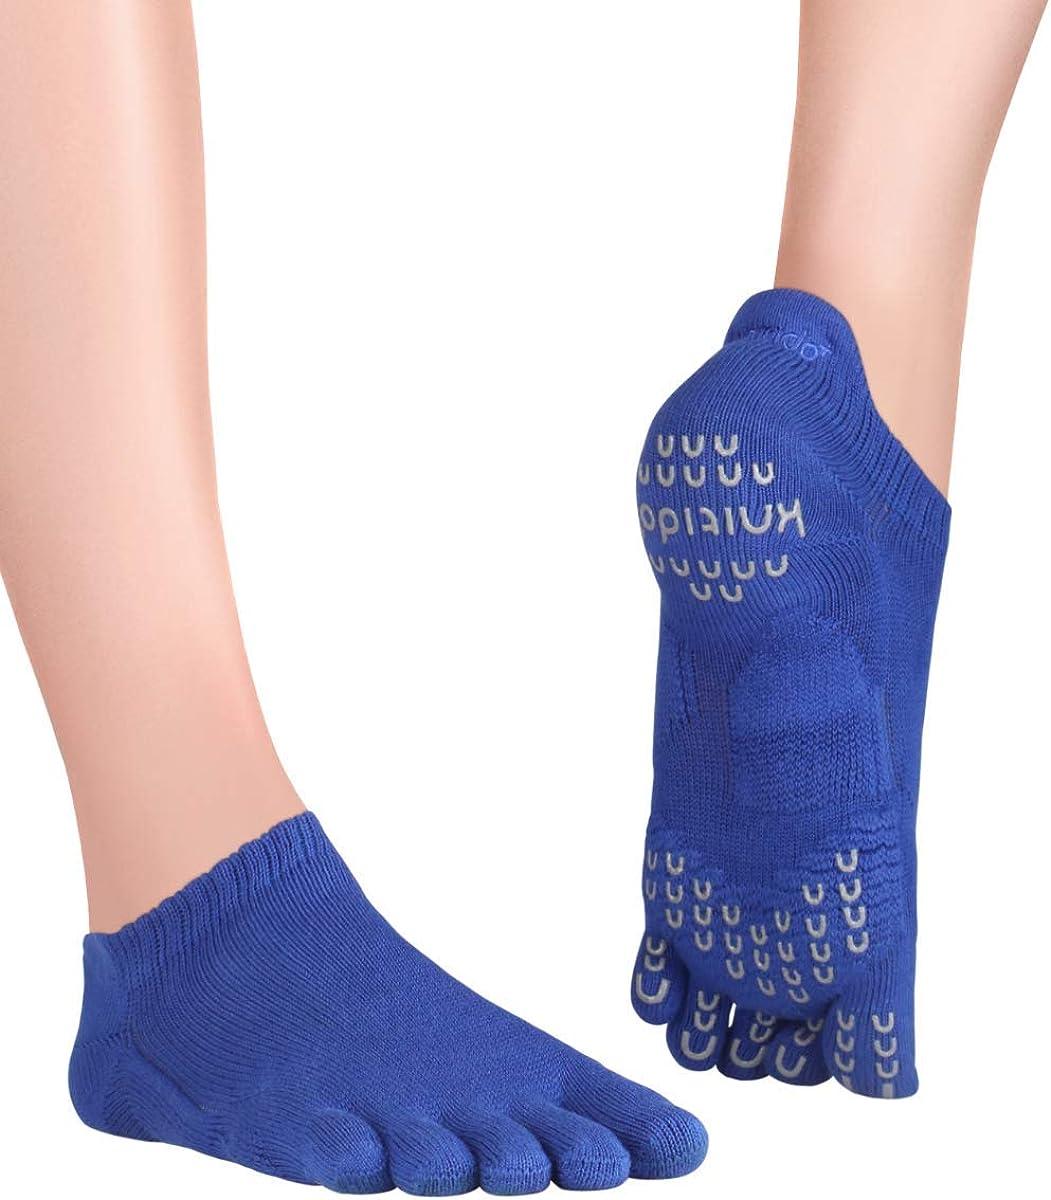 Knitido Plus Sora Calcetines Antideslizantes de Yoga y Pilates